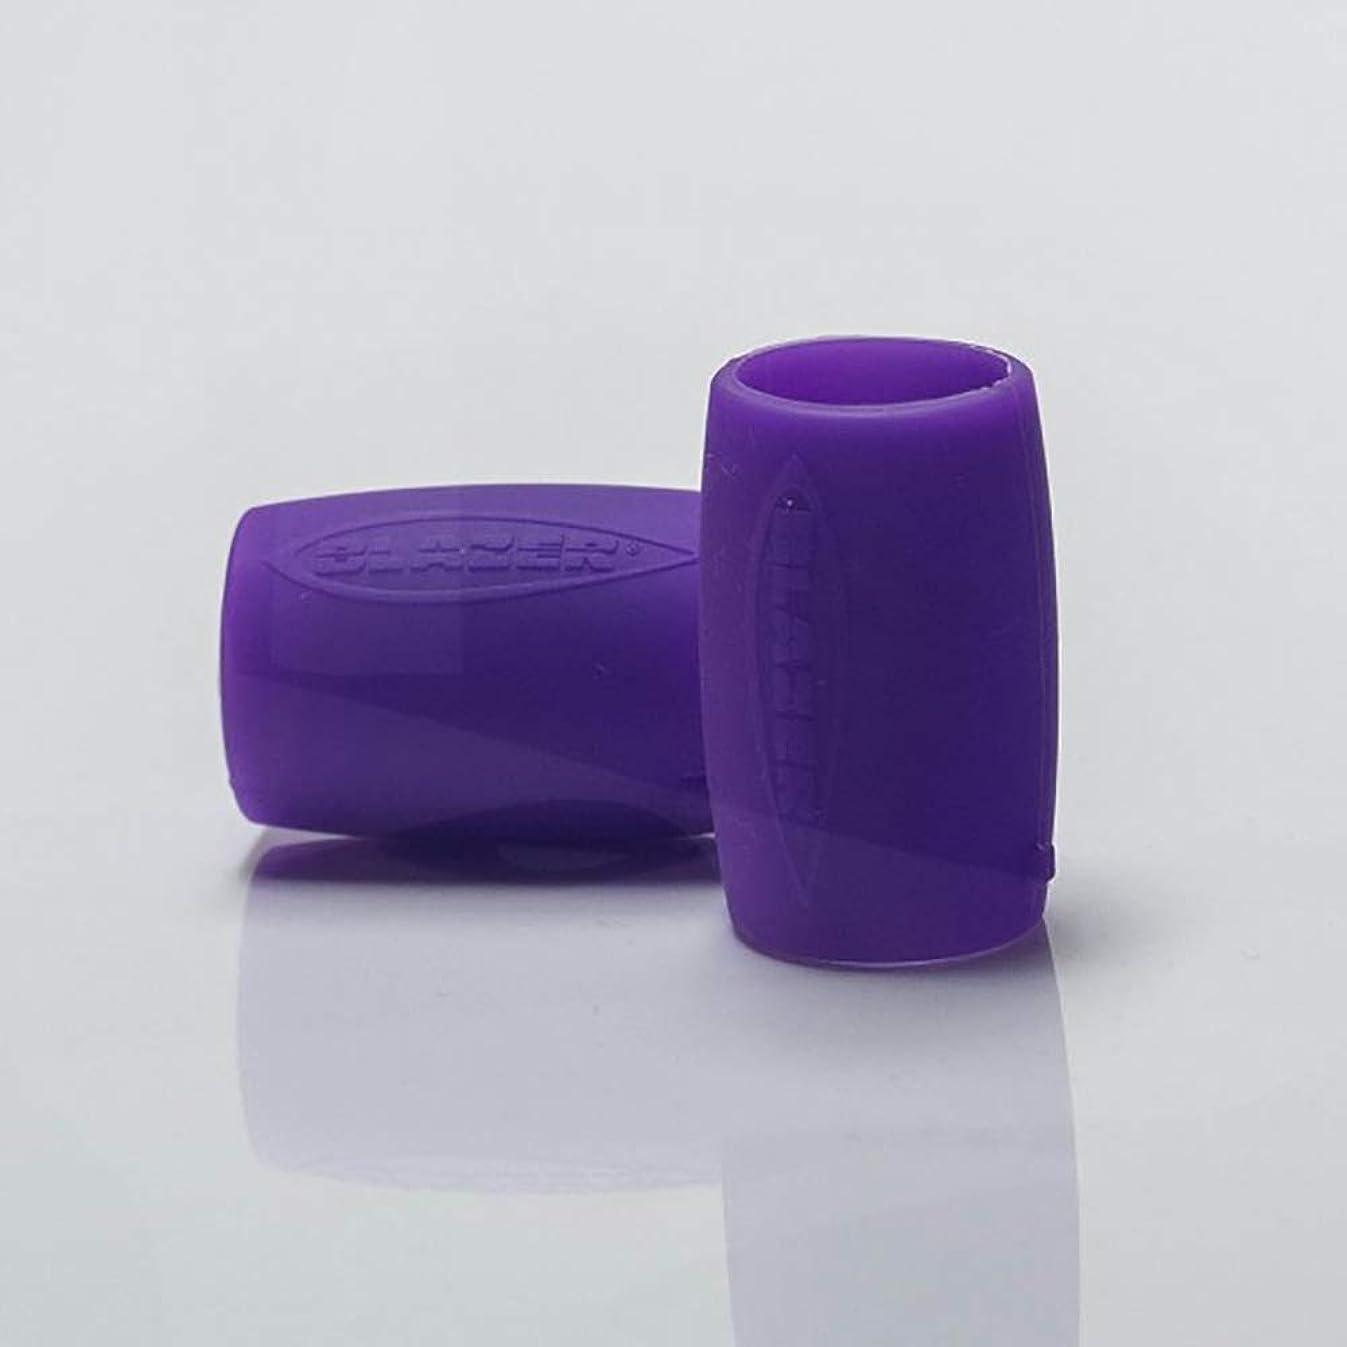 Blazer - Silicone Nozzle Guard - (2, Purple)